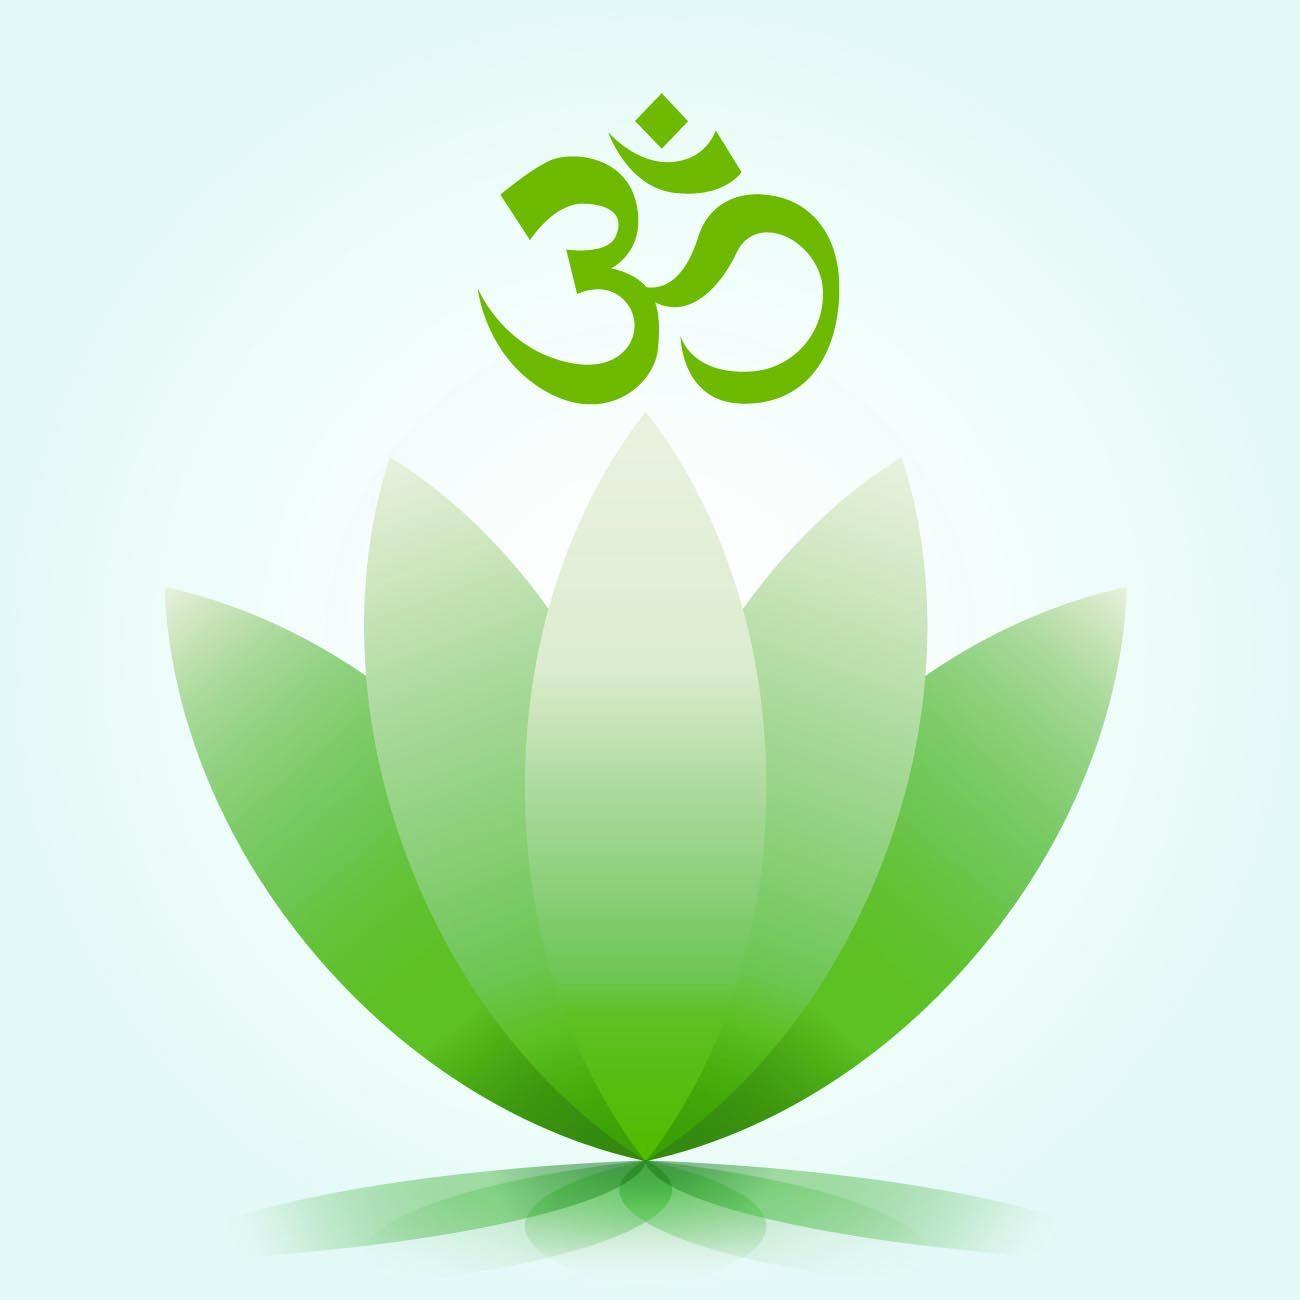 símbolo Om, definición de yoga